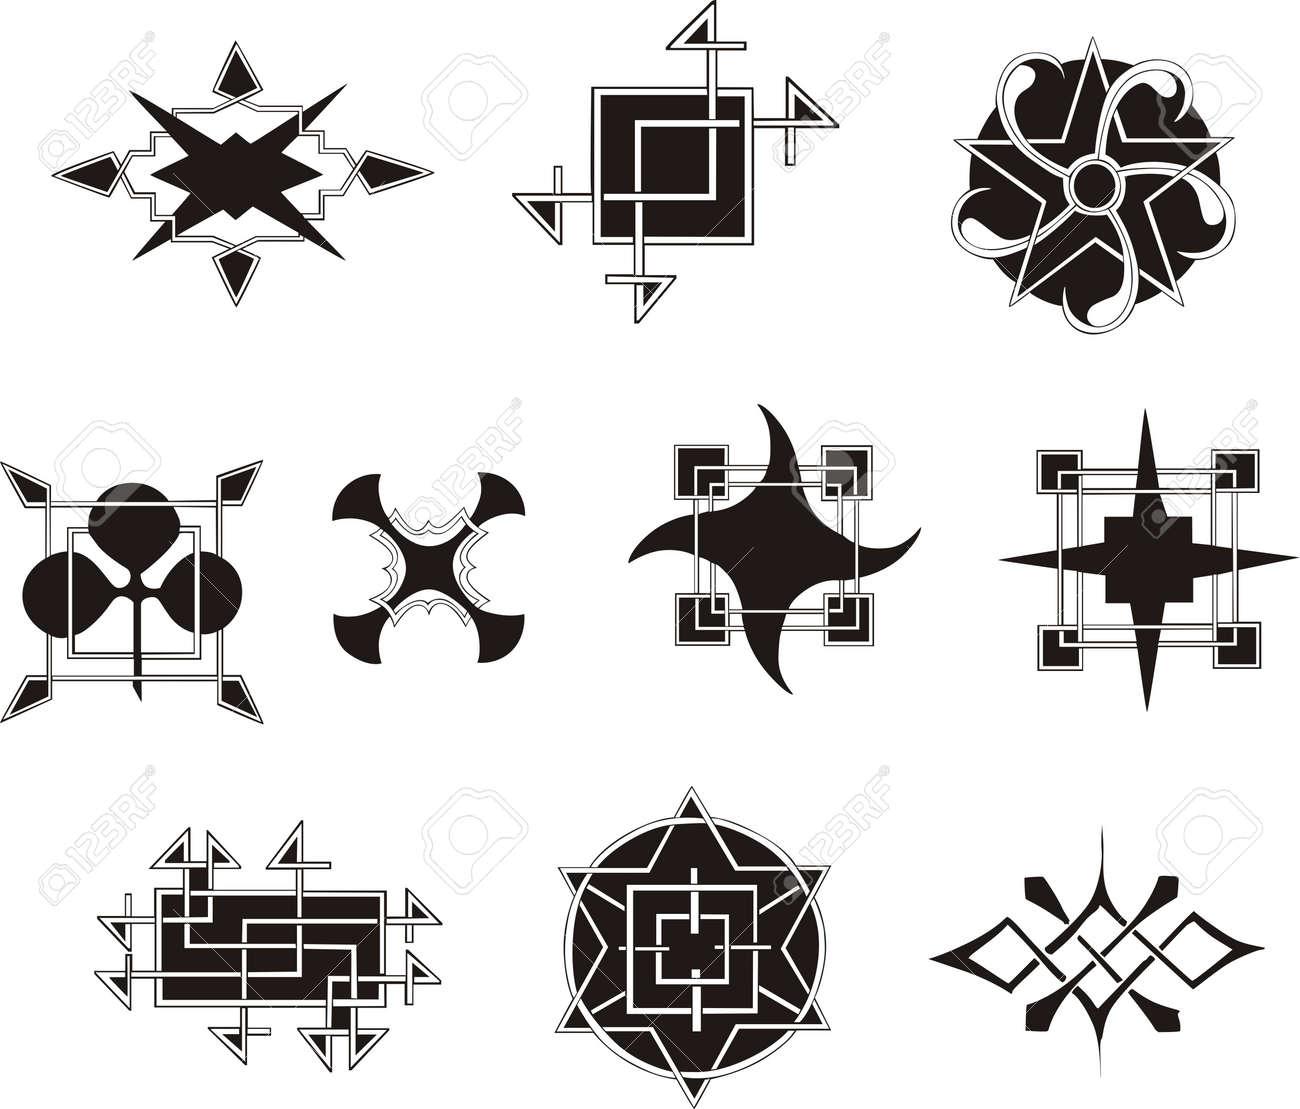 左右対称の幾何学的な装飾要素のセットですベクトル イラストの